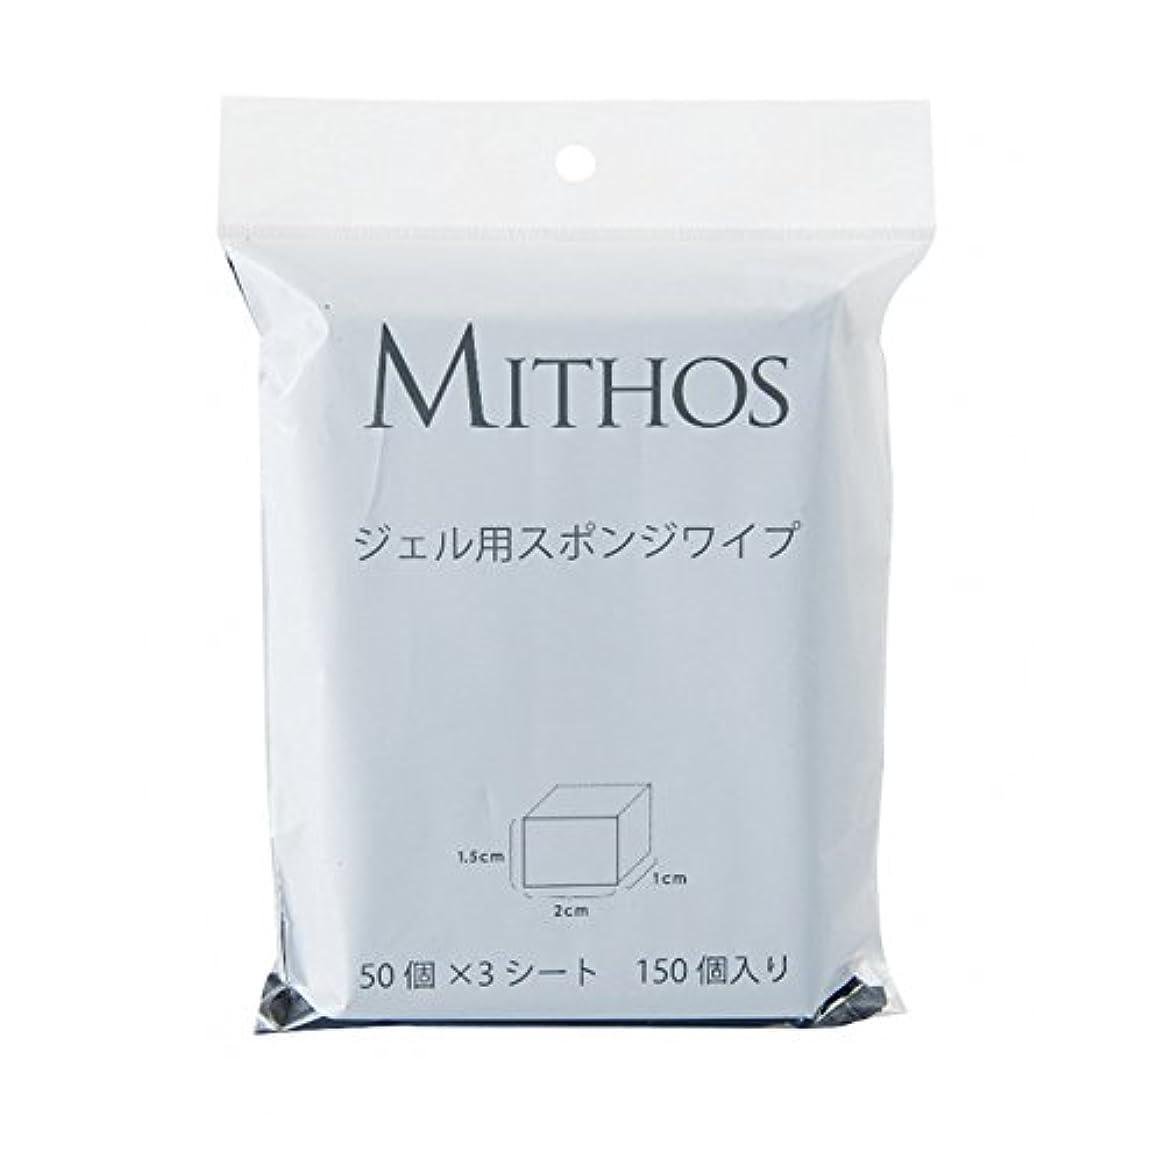 スモッグ科学的袋MITHOS ジェル用スポンジワイプ 150P 1.5×2×1cm 50個×3シート